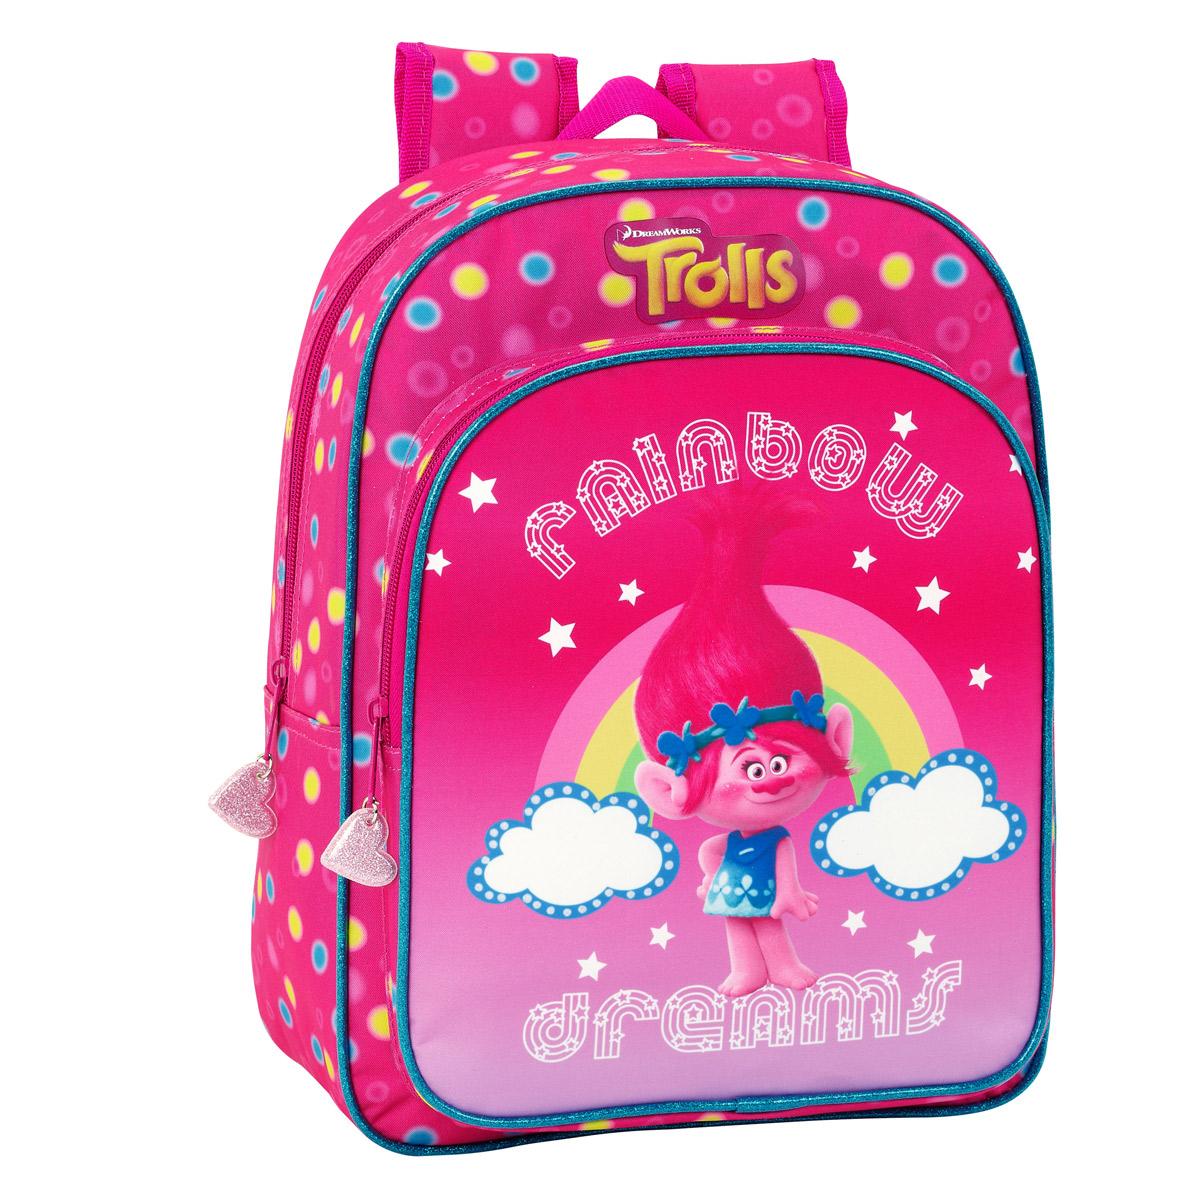 Trolls Rainbow Medium Backpack 34cm – image 1